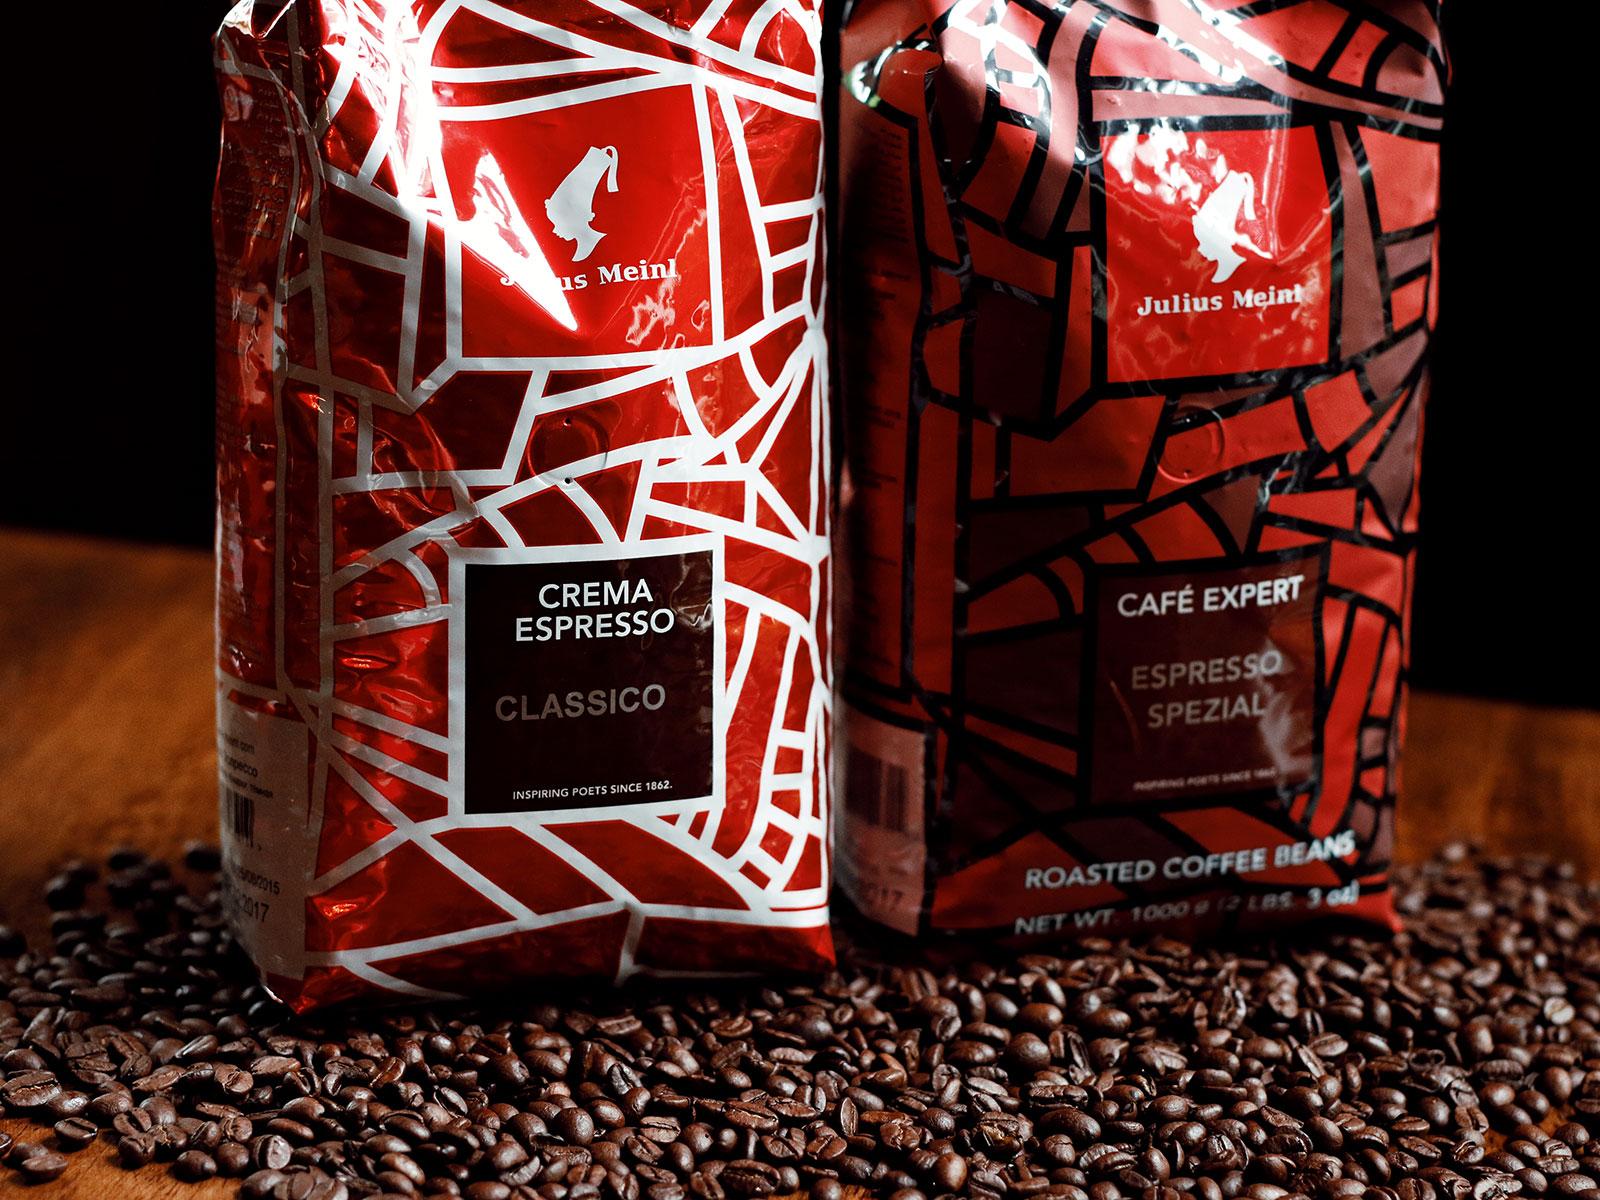 Koffie Julius Meinl